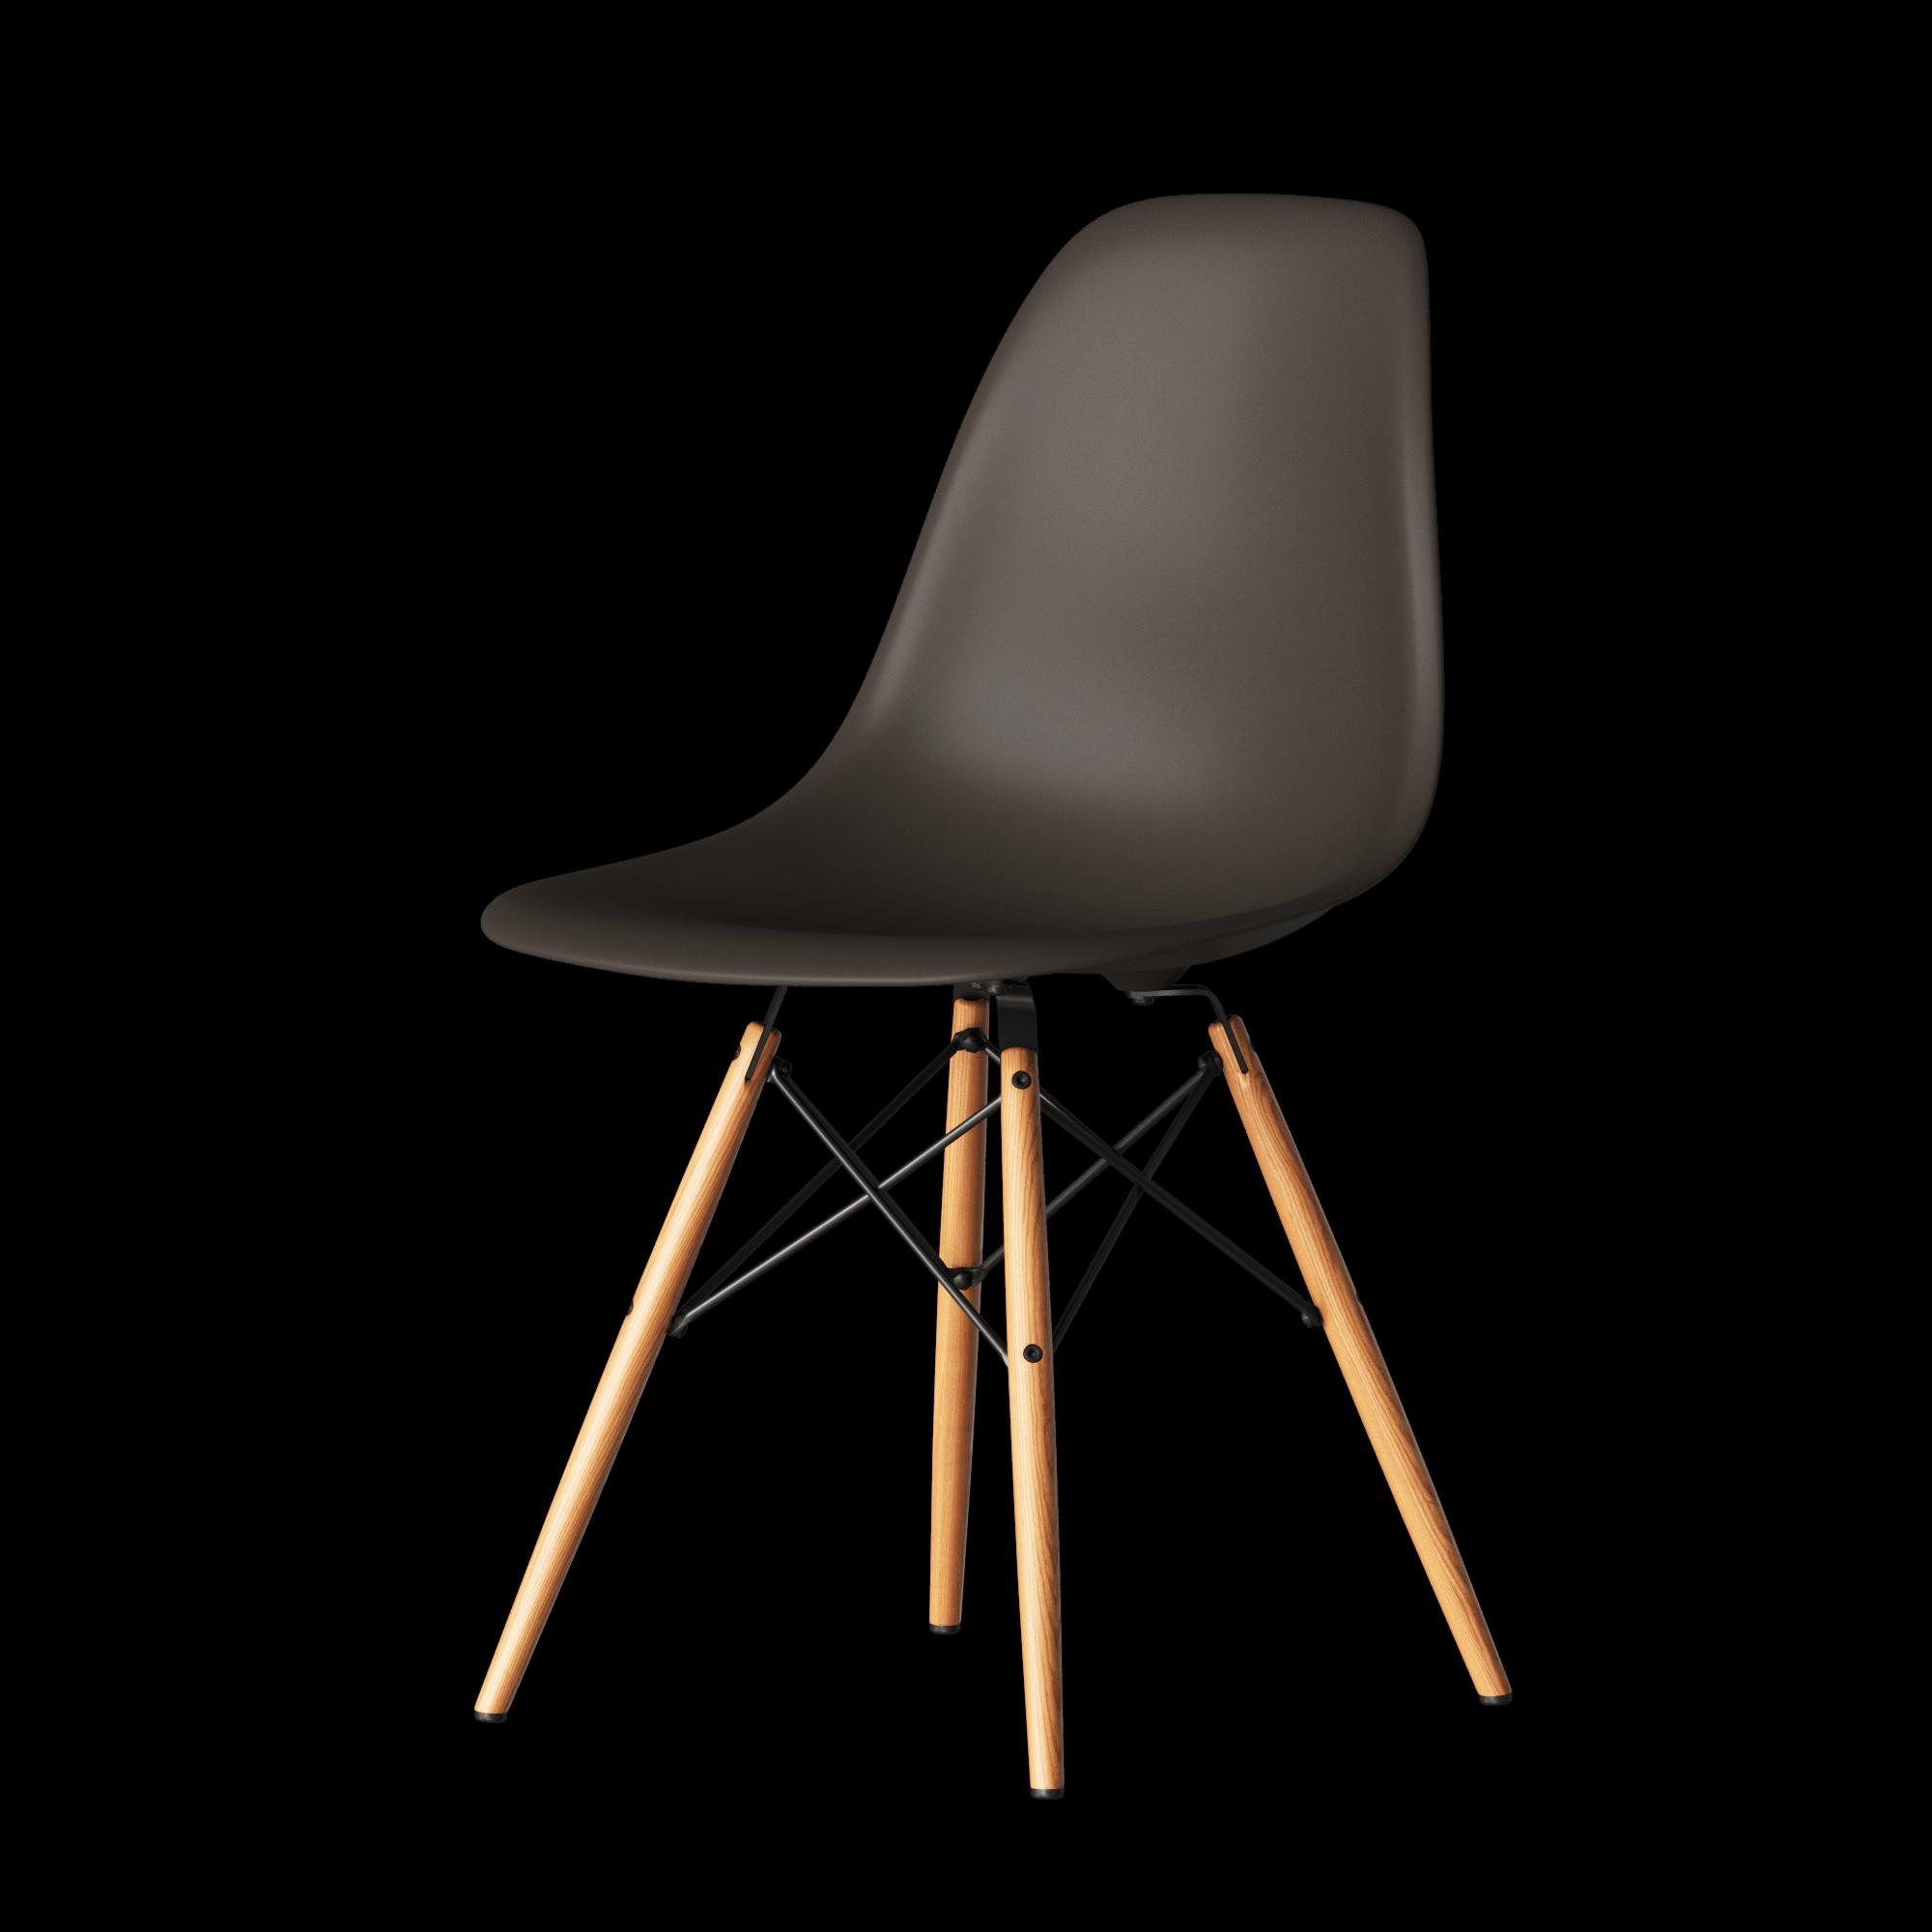 Eames Plastic Sidechair Dsw Von Vitra Minimum